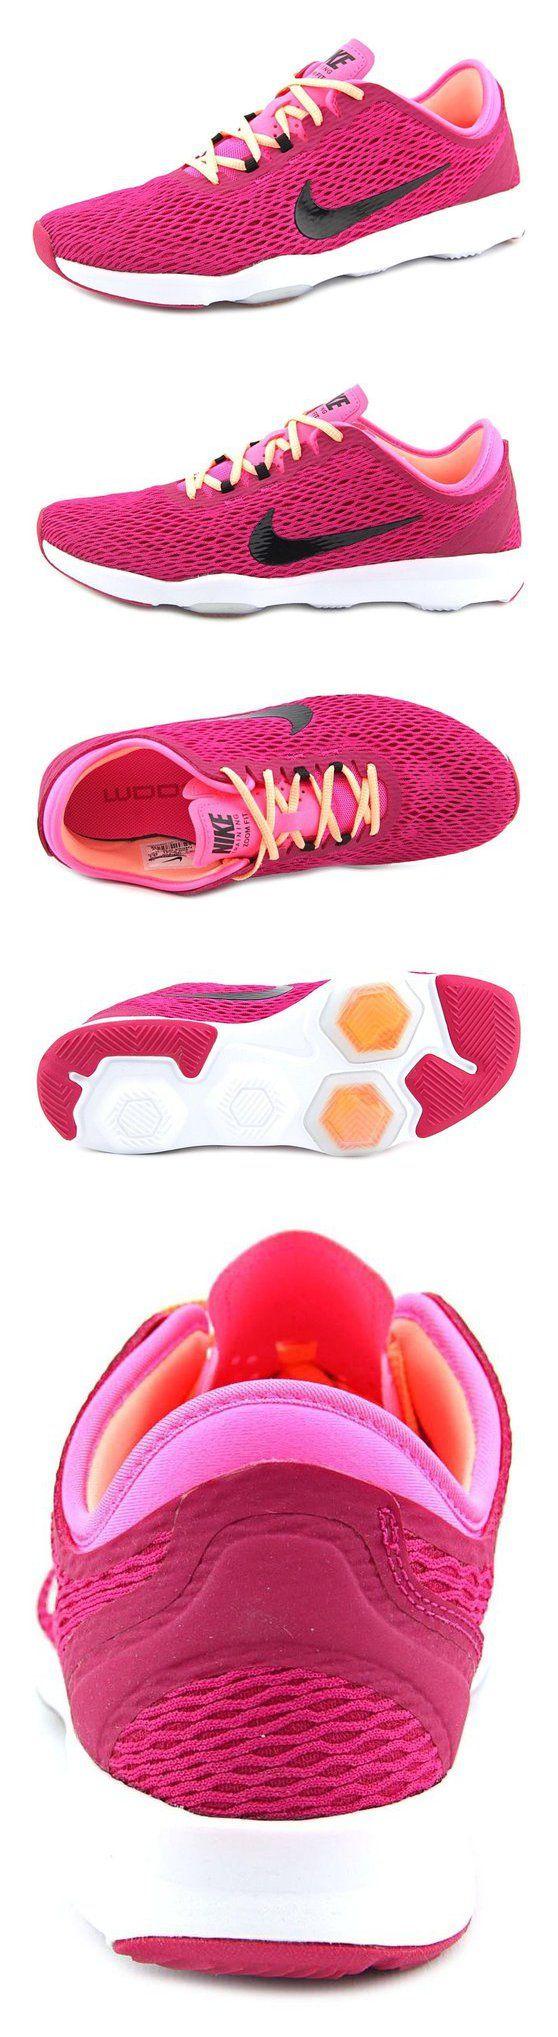 $90 - New Nike Women's Zoom Fit Cross Trainer Sport Fuschia/Black 6 #shoes #nike #2015